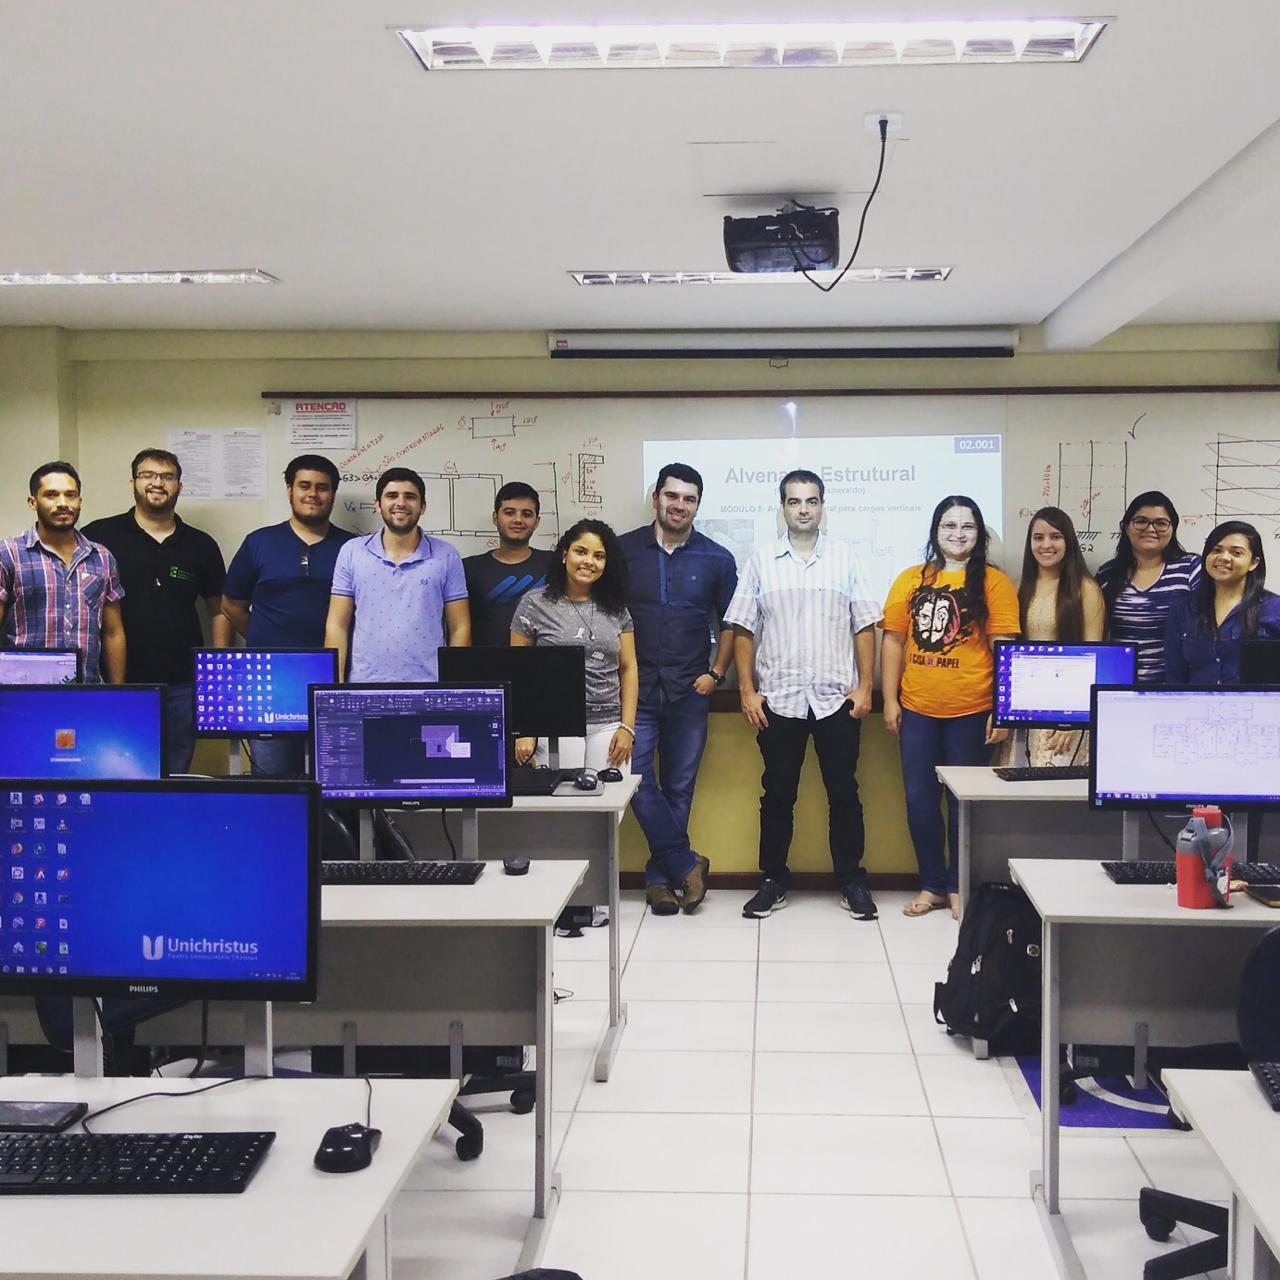 Os alunos do Curso de Engenharia Civil da Unichristus participaram do Curso Projeto de Alvenaria Estrutural